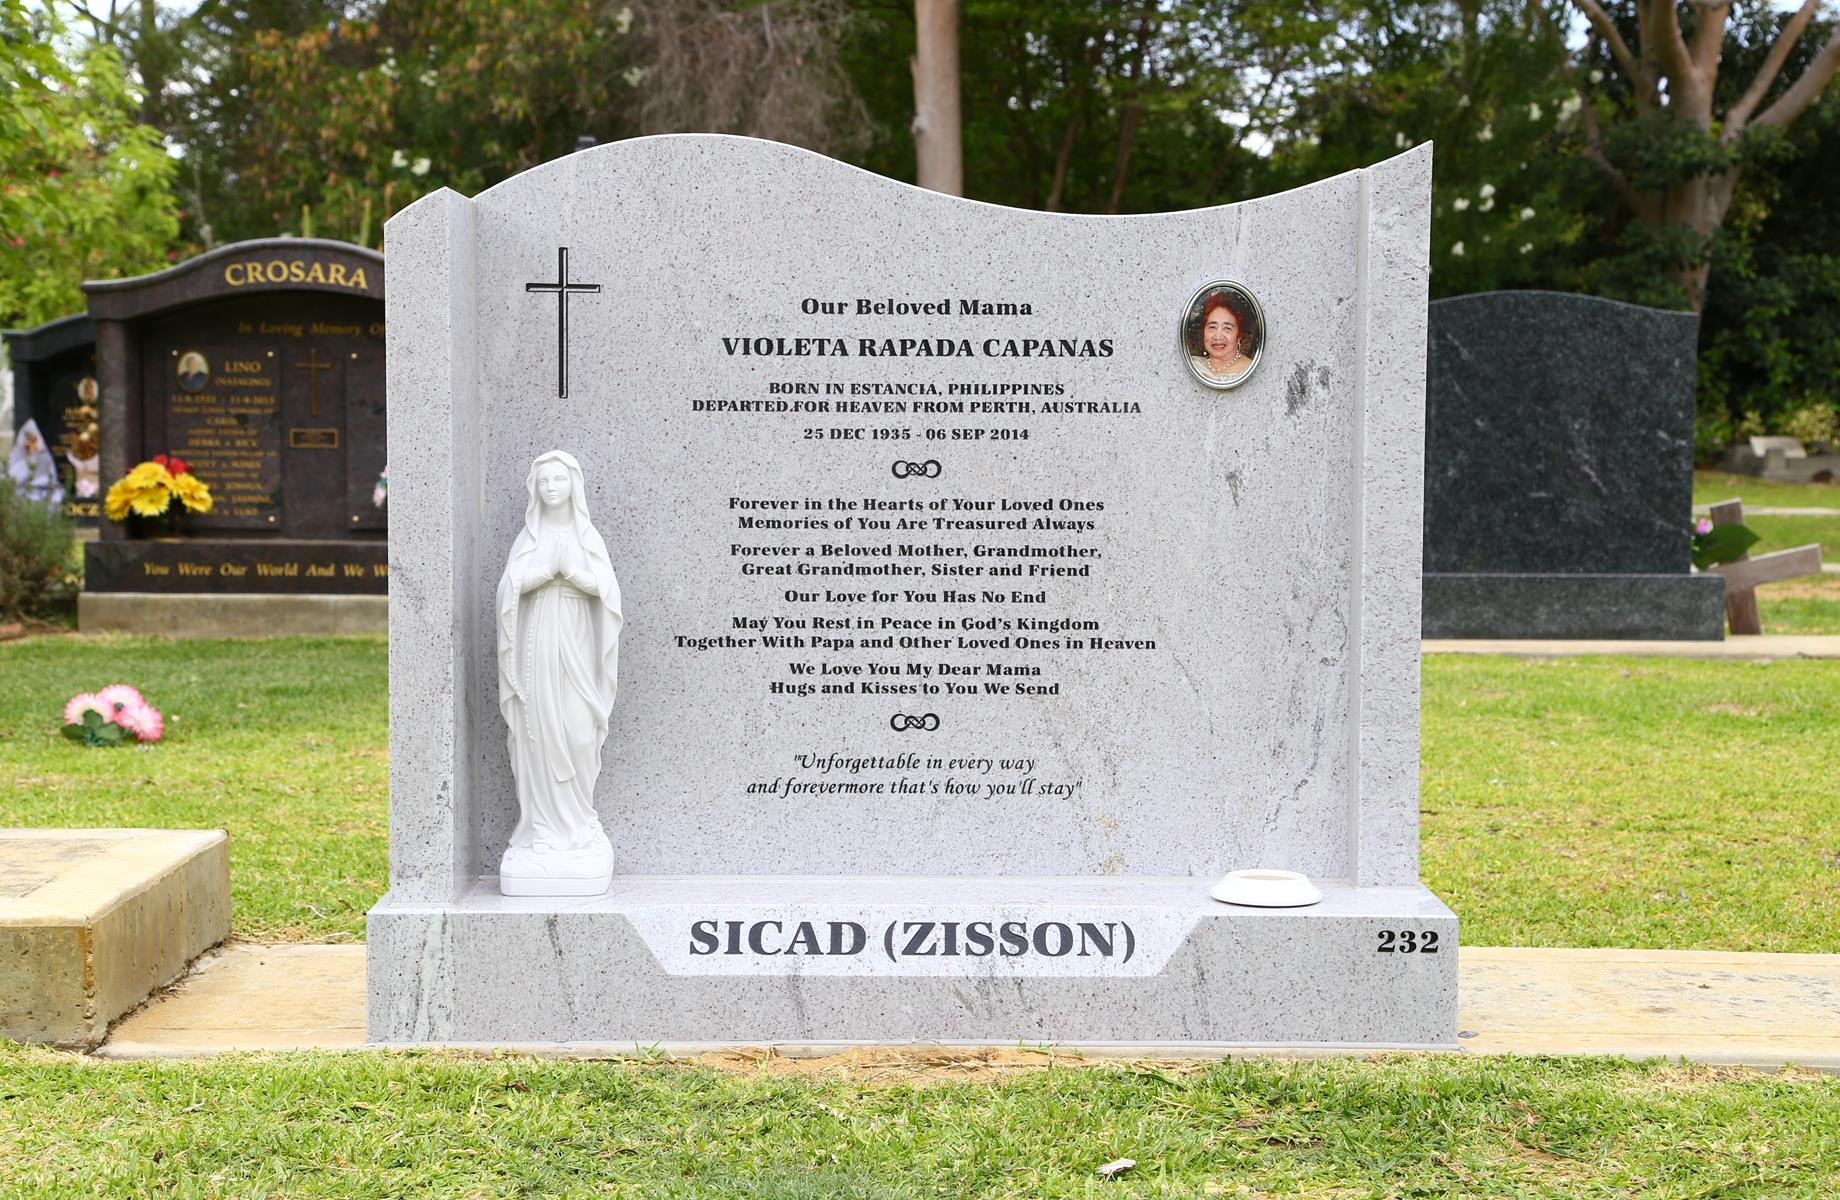 Zisson